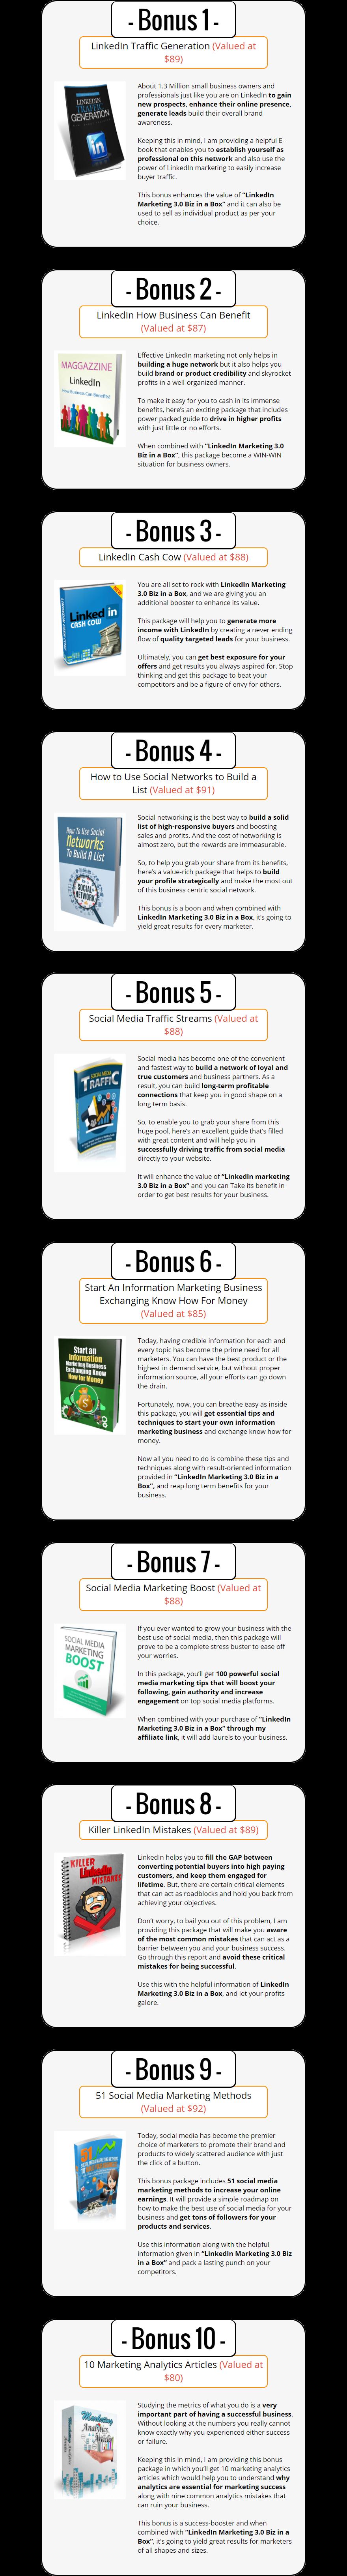 LinkedIn Marketing V3 Biz in a Box Monster PLR Bonuses